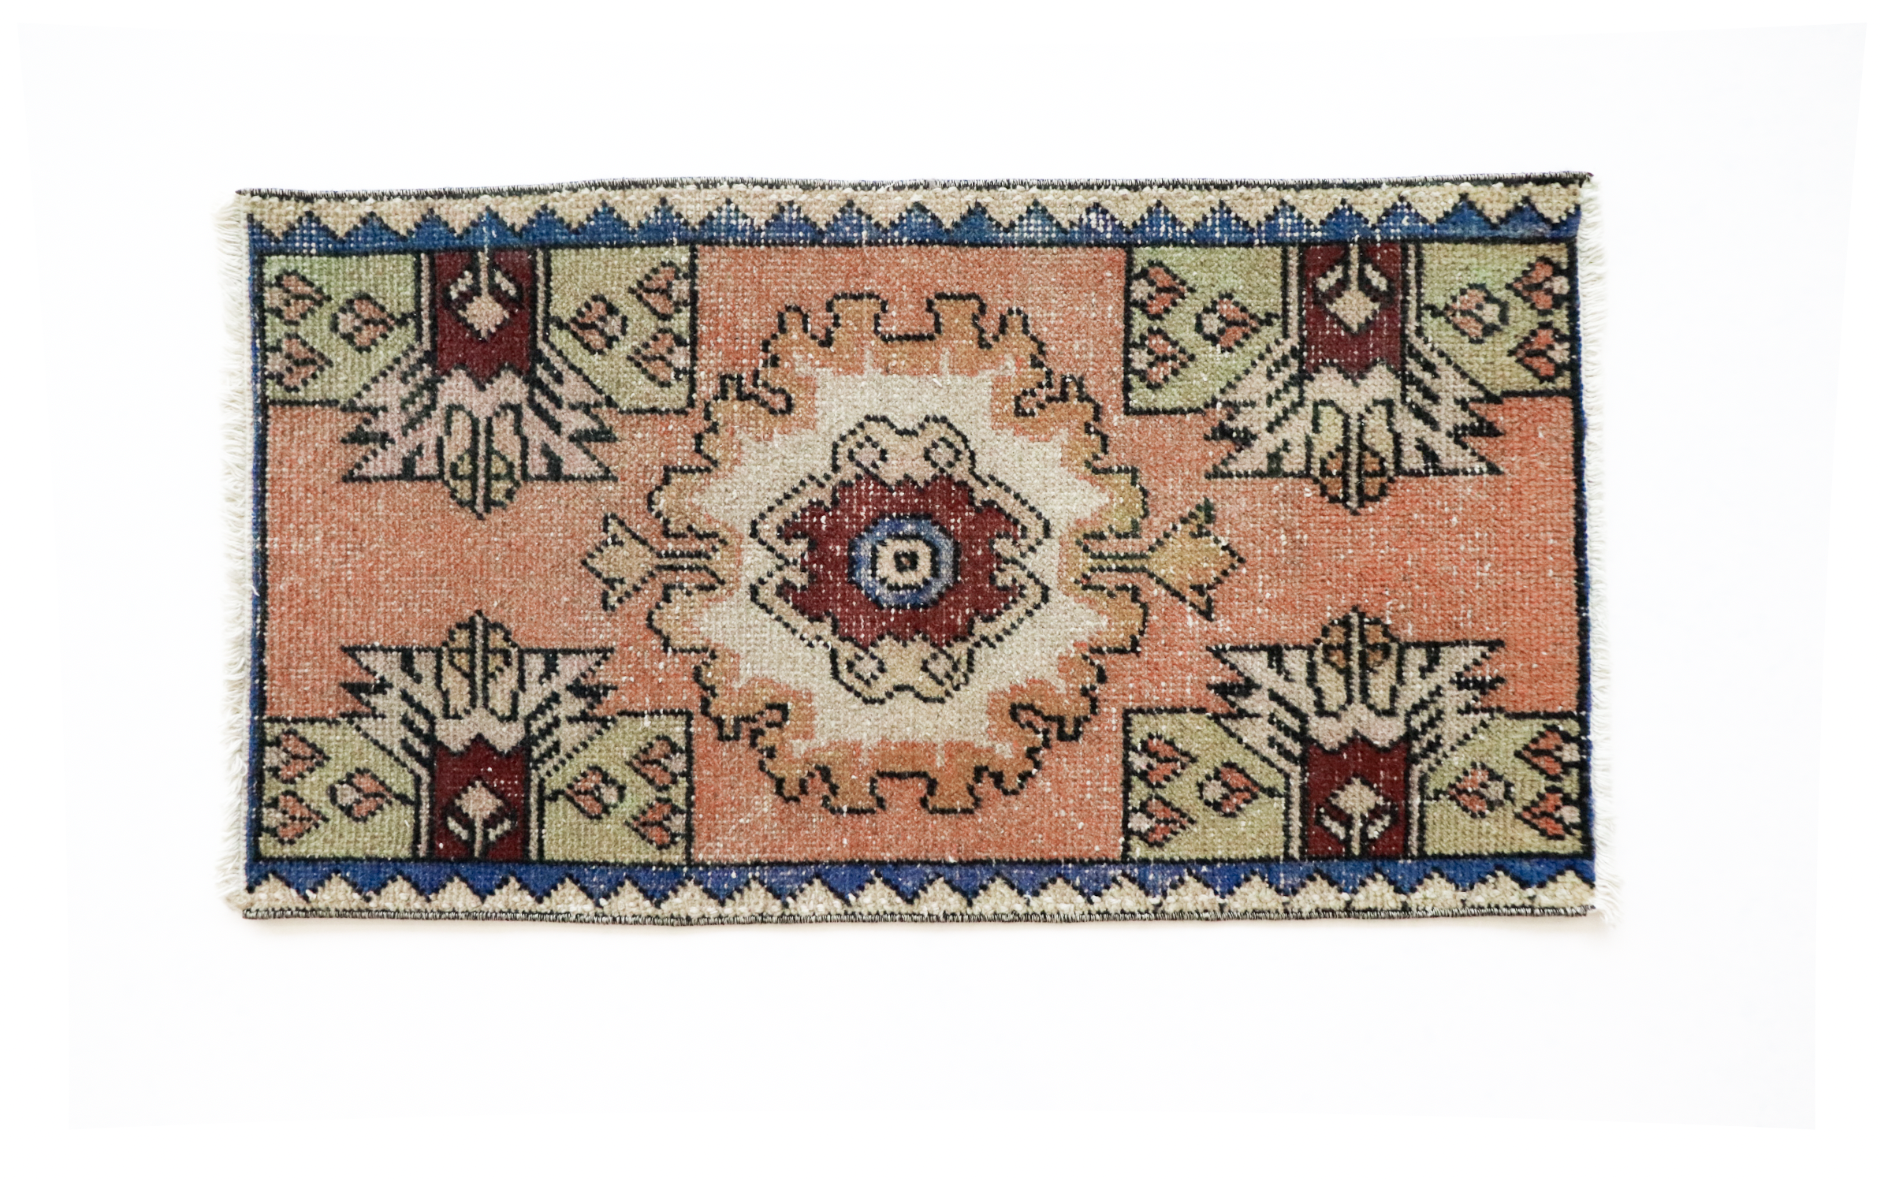 Handmade Vintage Turkish Kilim Rug - Orange and Blue